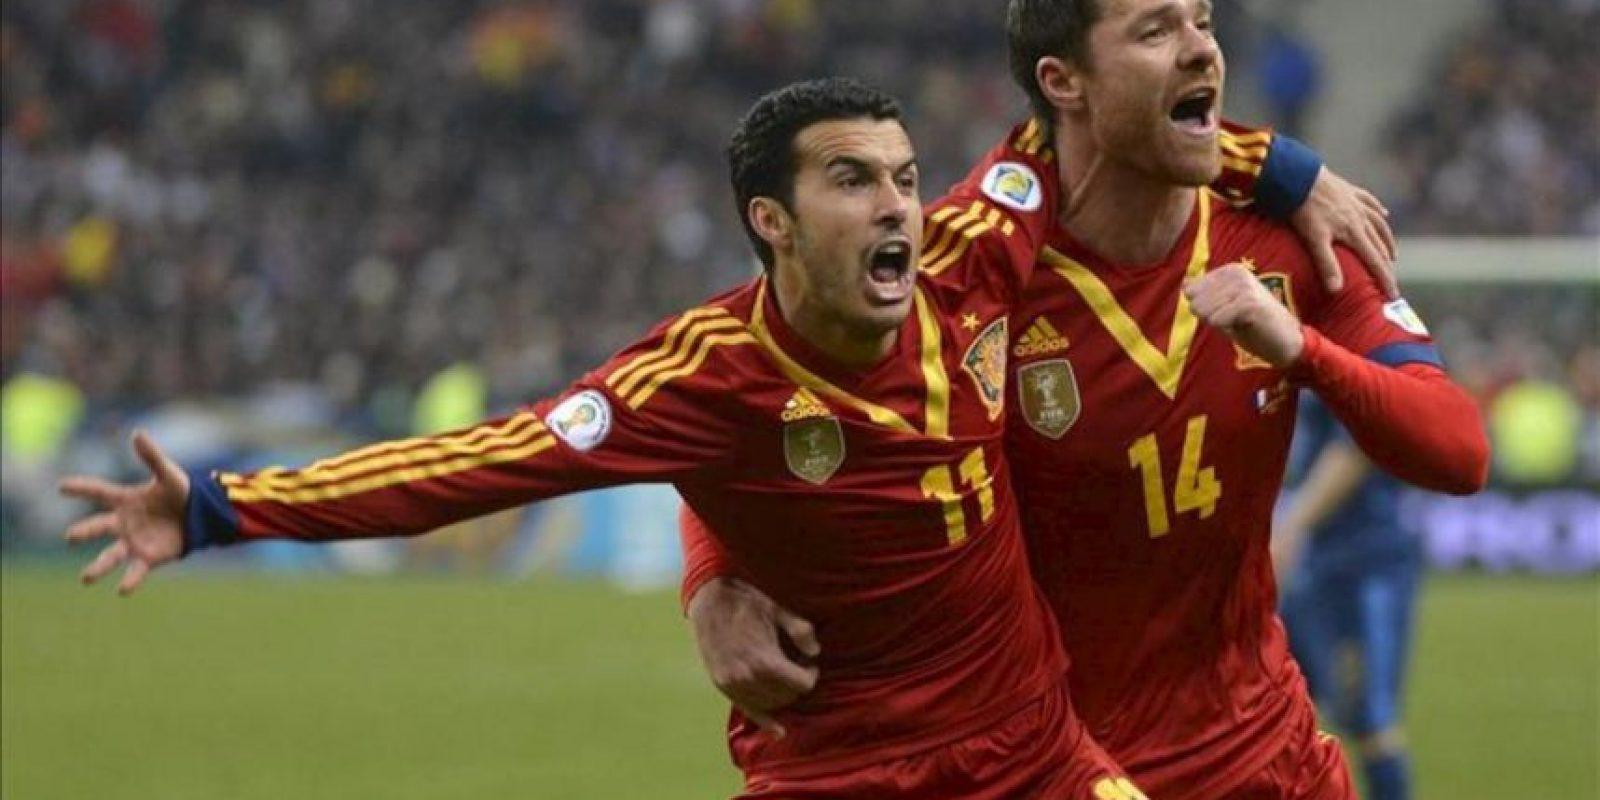 El centrocampista de la selección española, Pedro Rodríguez (i) celebra con su compañero Xabi Alonso (d) su gol ante Francia durante el partido clasificatorio contra Francia para el Mundial de Brasil 2014 disputado en el estadio de Francia de Saint Denis, cerca de París, Francia. EFE